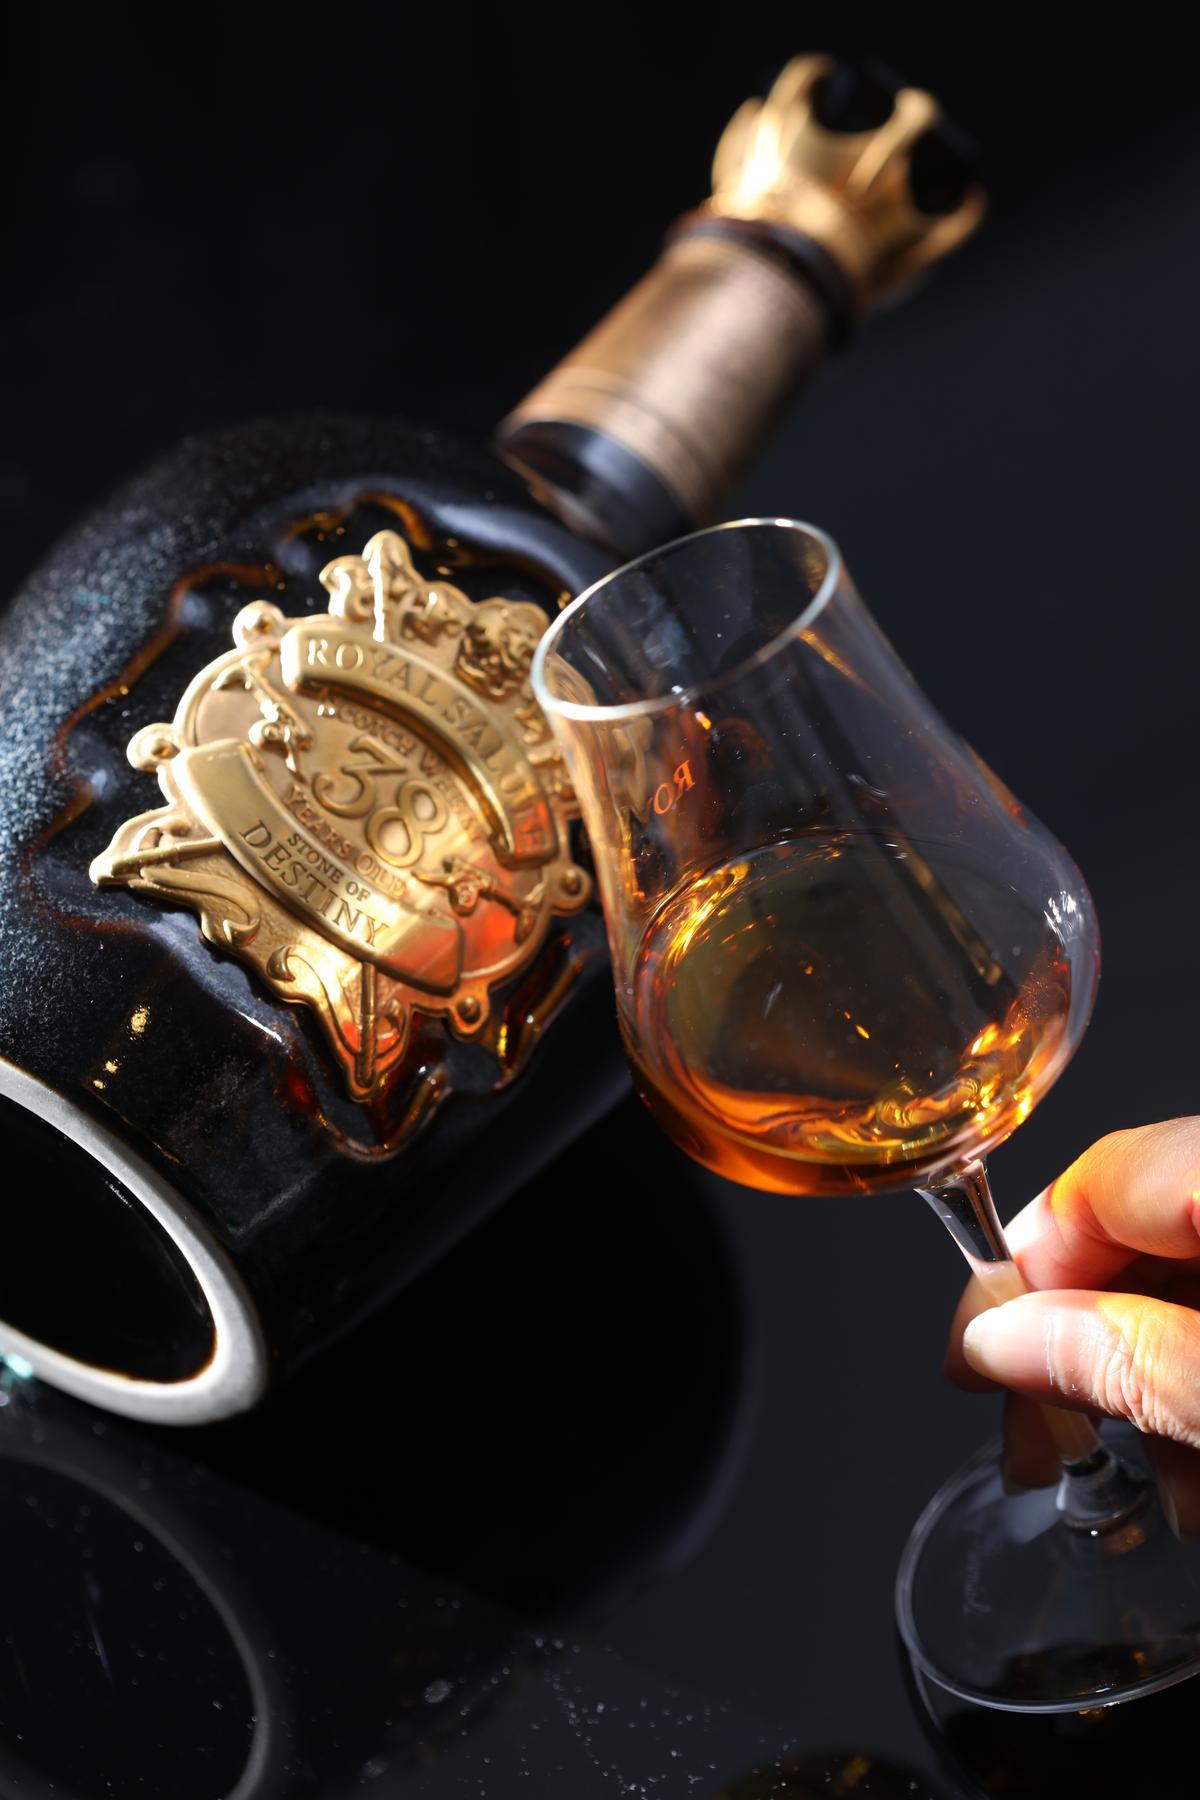 「皇家禮炮38年」結合香柏木與杏仁碎粒,以及雪莉酒桶的橡木風味,豐潤醇厚,尾韻飽滿。(23,888元/瓶)